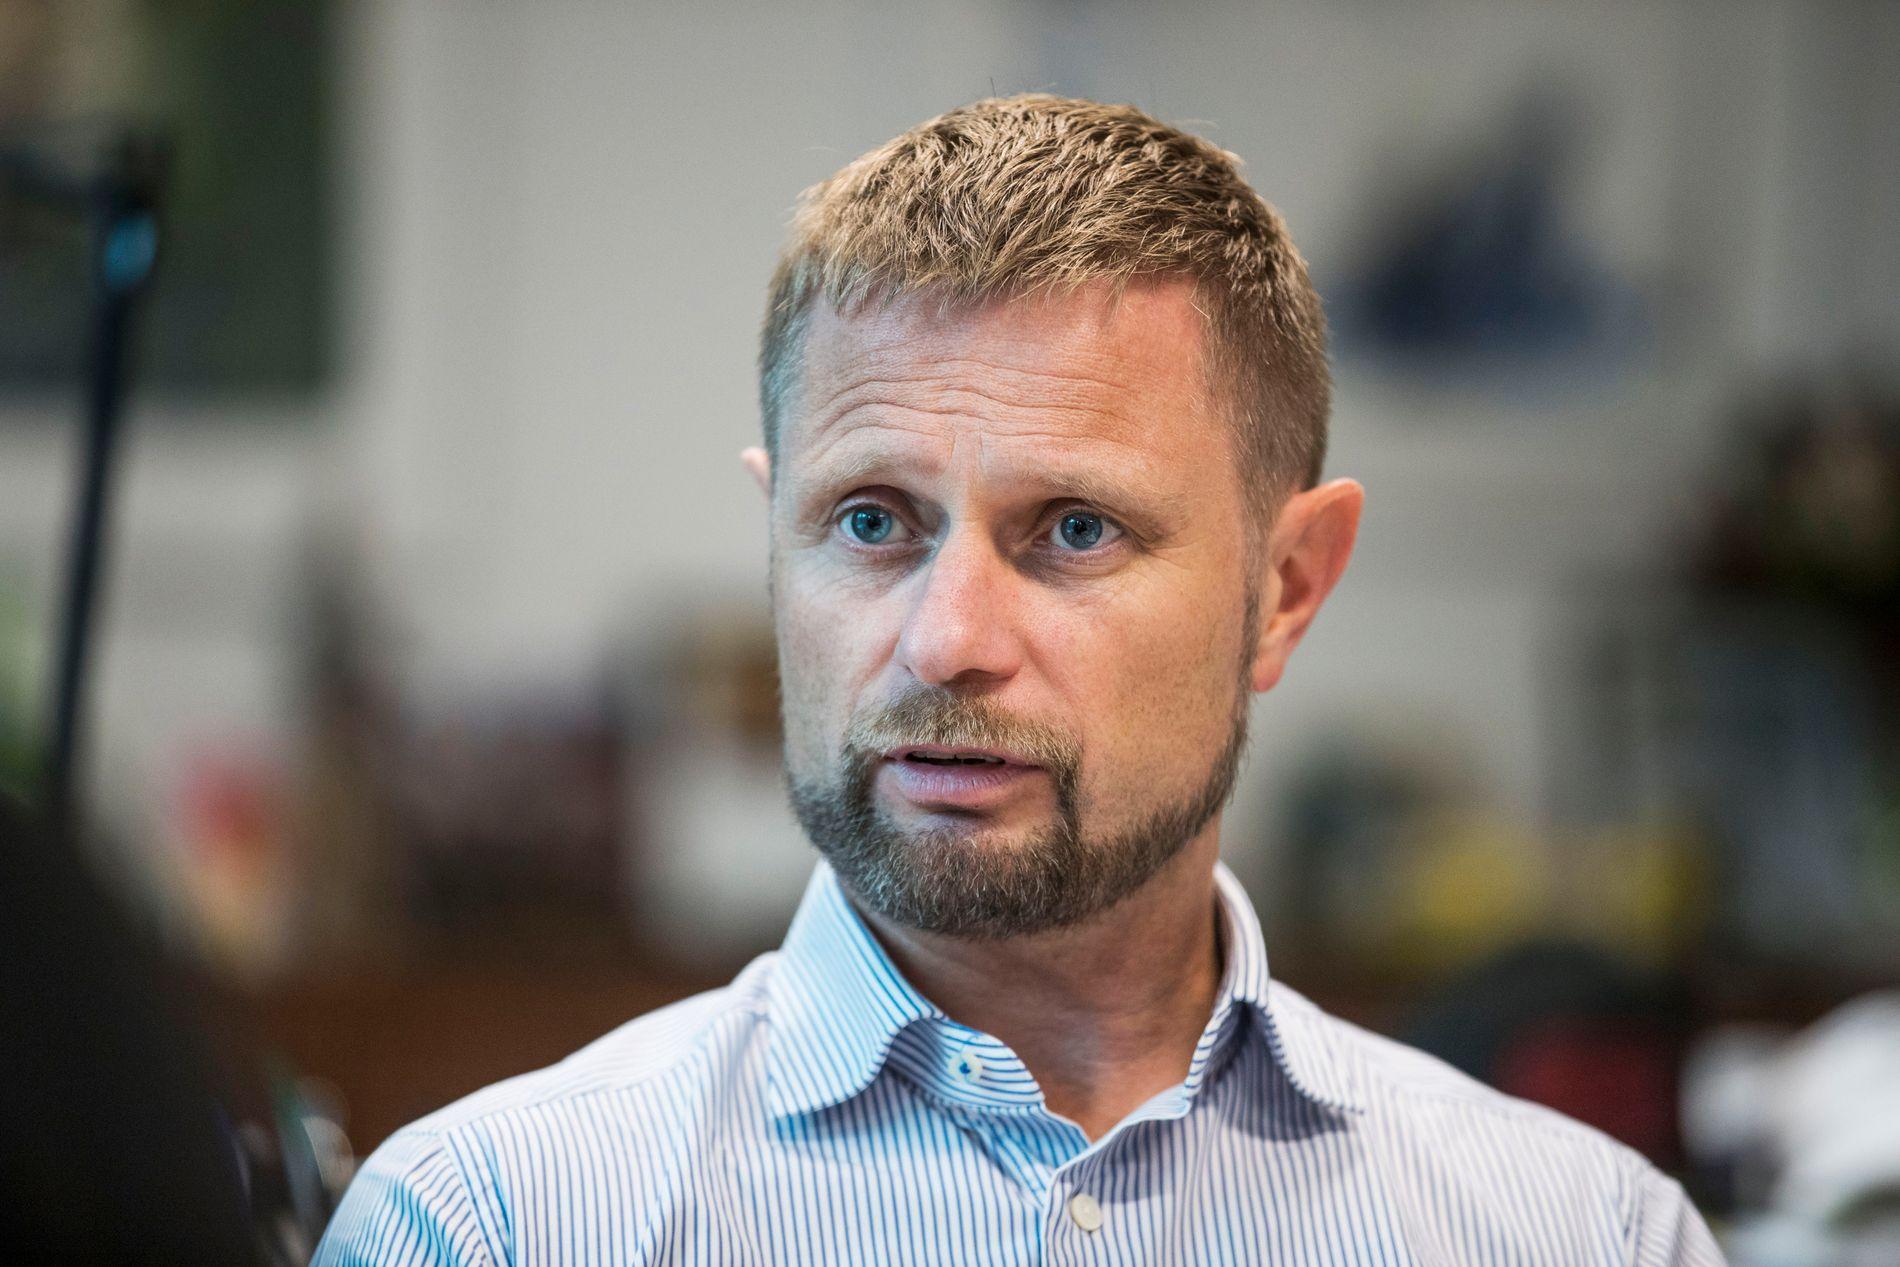 SVÆRT FORNØYD: Helse- og omsorgsminister Bent Høie (H) er veldig fornøyd med å ha nådd de nasjonale målene for innføringen av pakkeforløp for kreftpasienter. Nå vil han jobbe for å minske variasjonene.